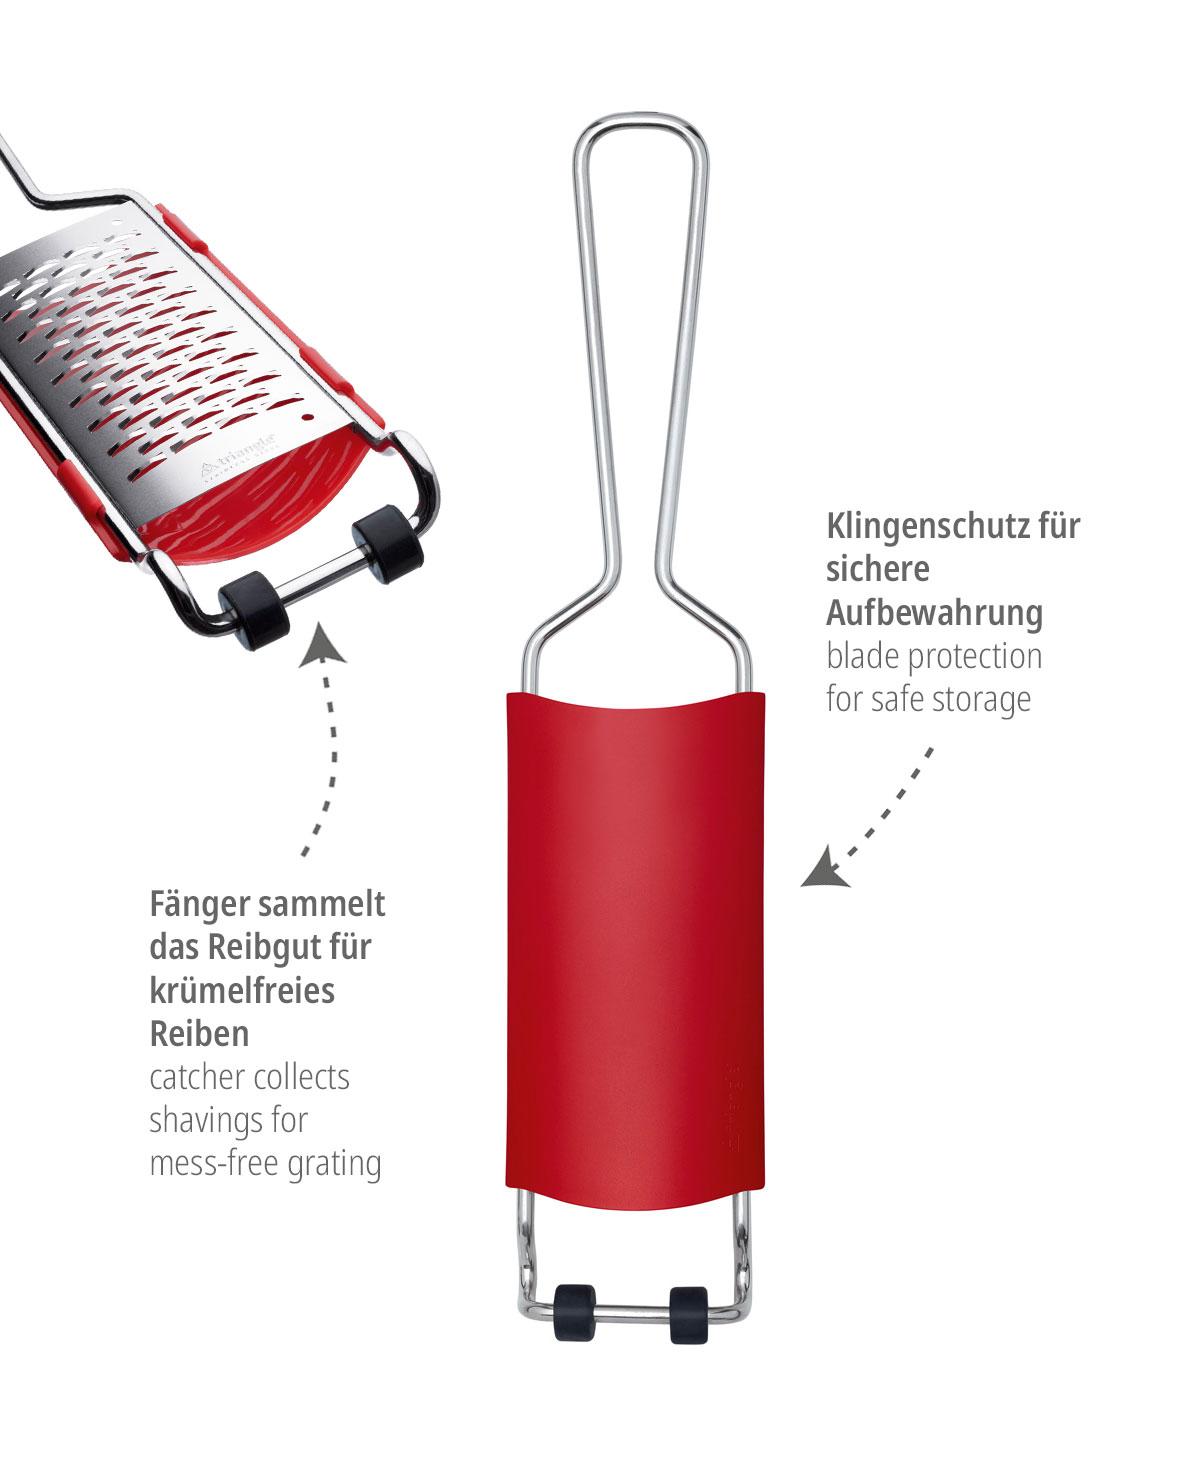 triangle 2-in-1 Fänger und Klingenschutz für Reiben Auffangbehälter Fangbehälter Klingencover